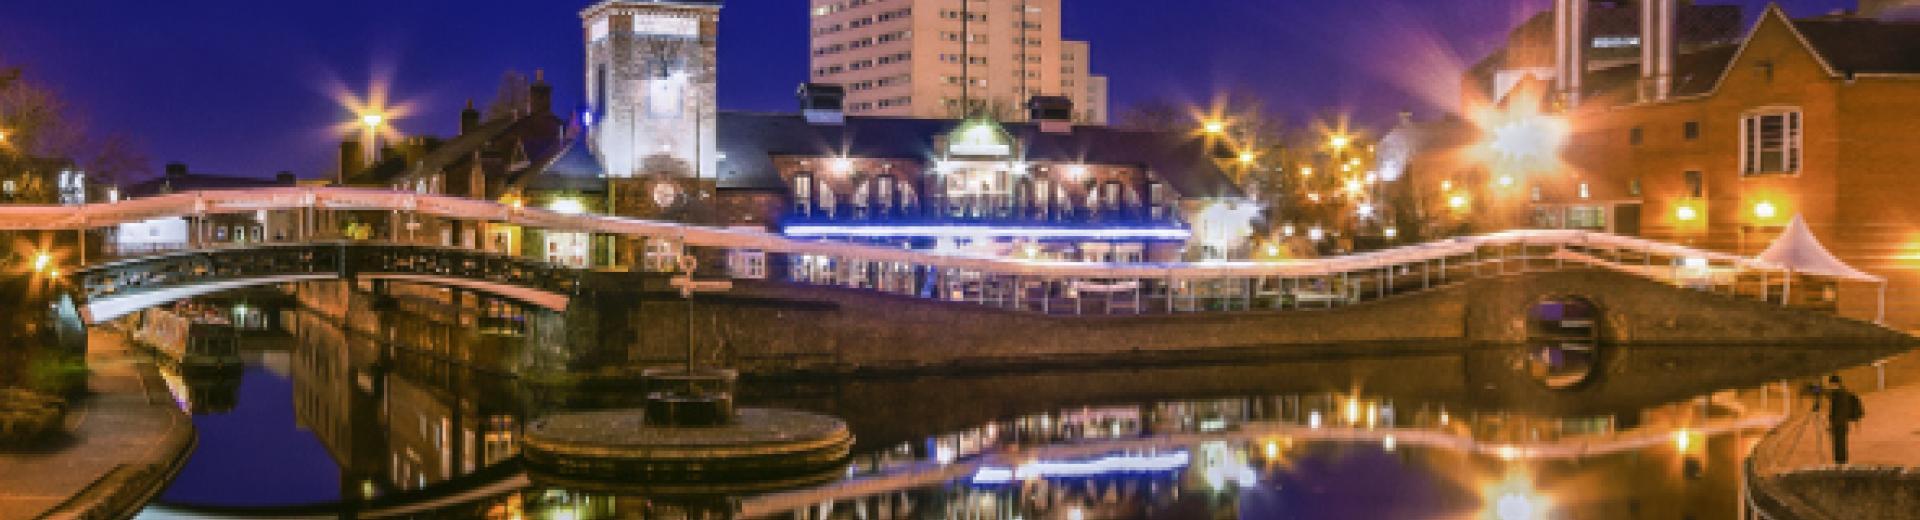 Top 10 craft beer pubs in birmingham for Craft stores birmingham al